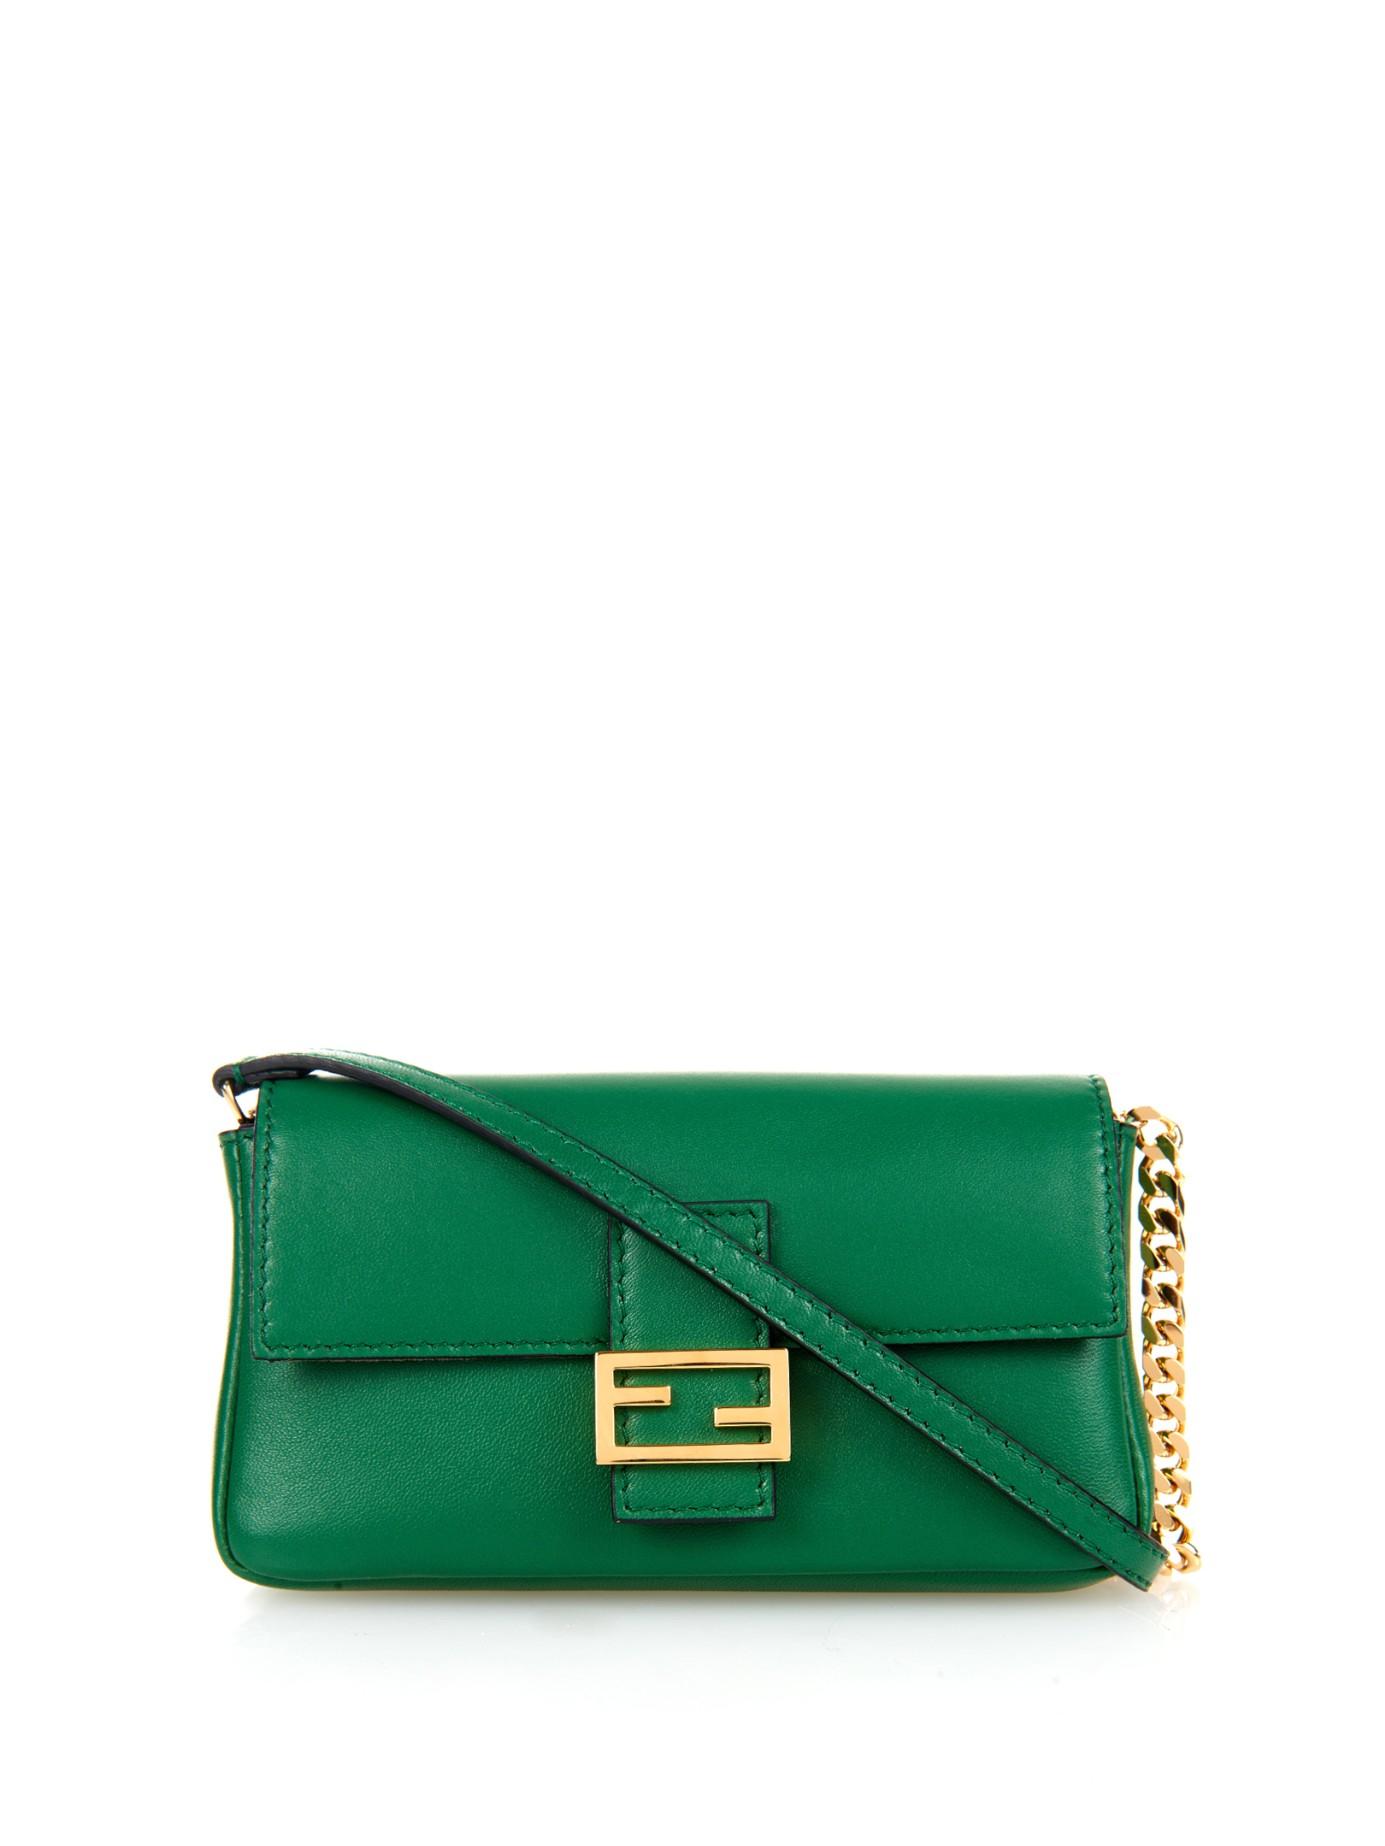 82e8e24c04 ... sale lyst fendi micro baguette leather cross body bag in green ca1bf  e22e7